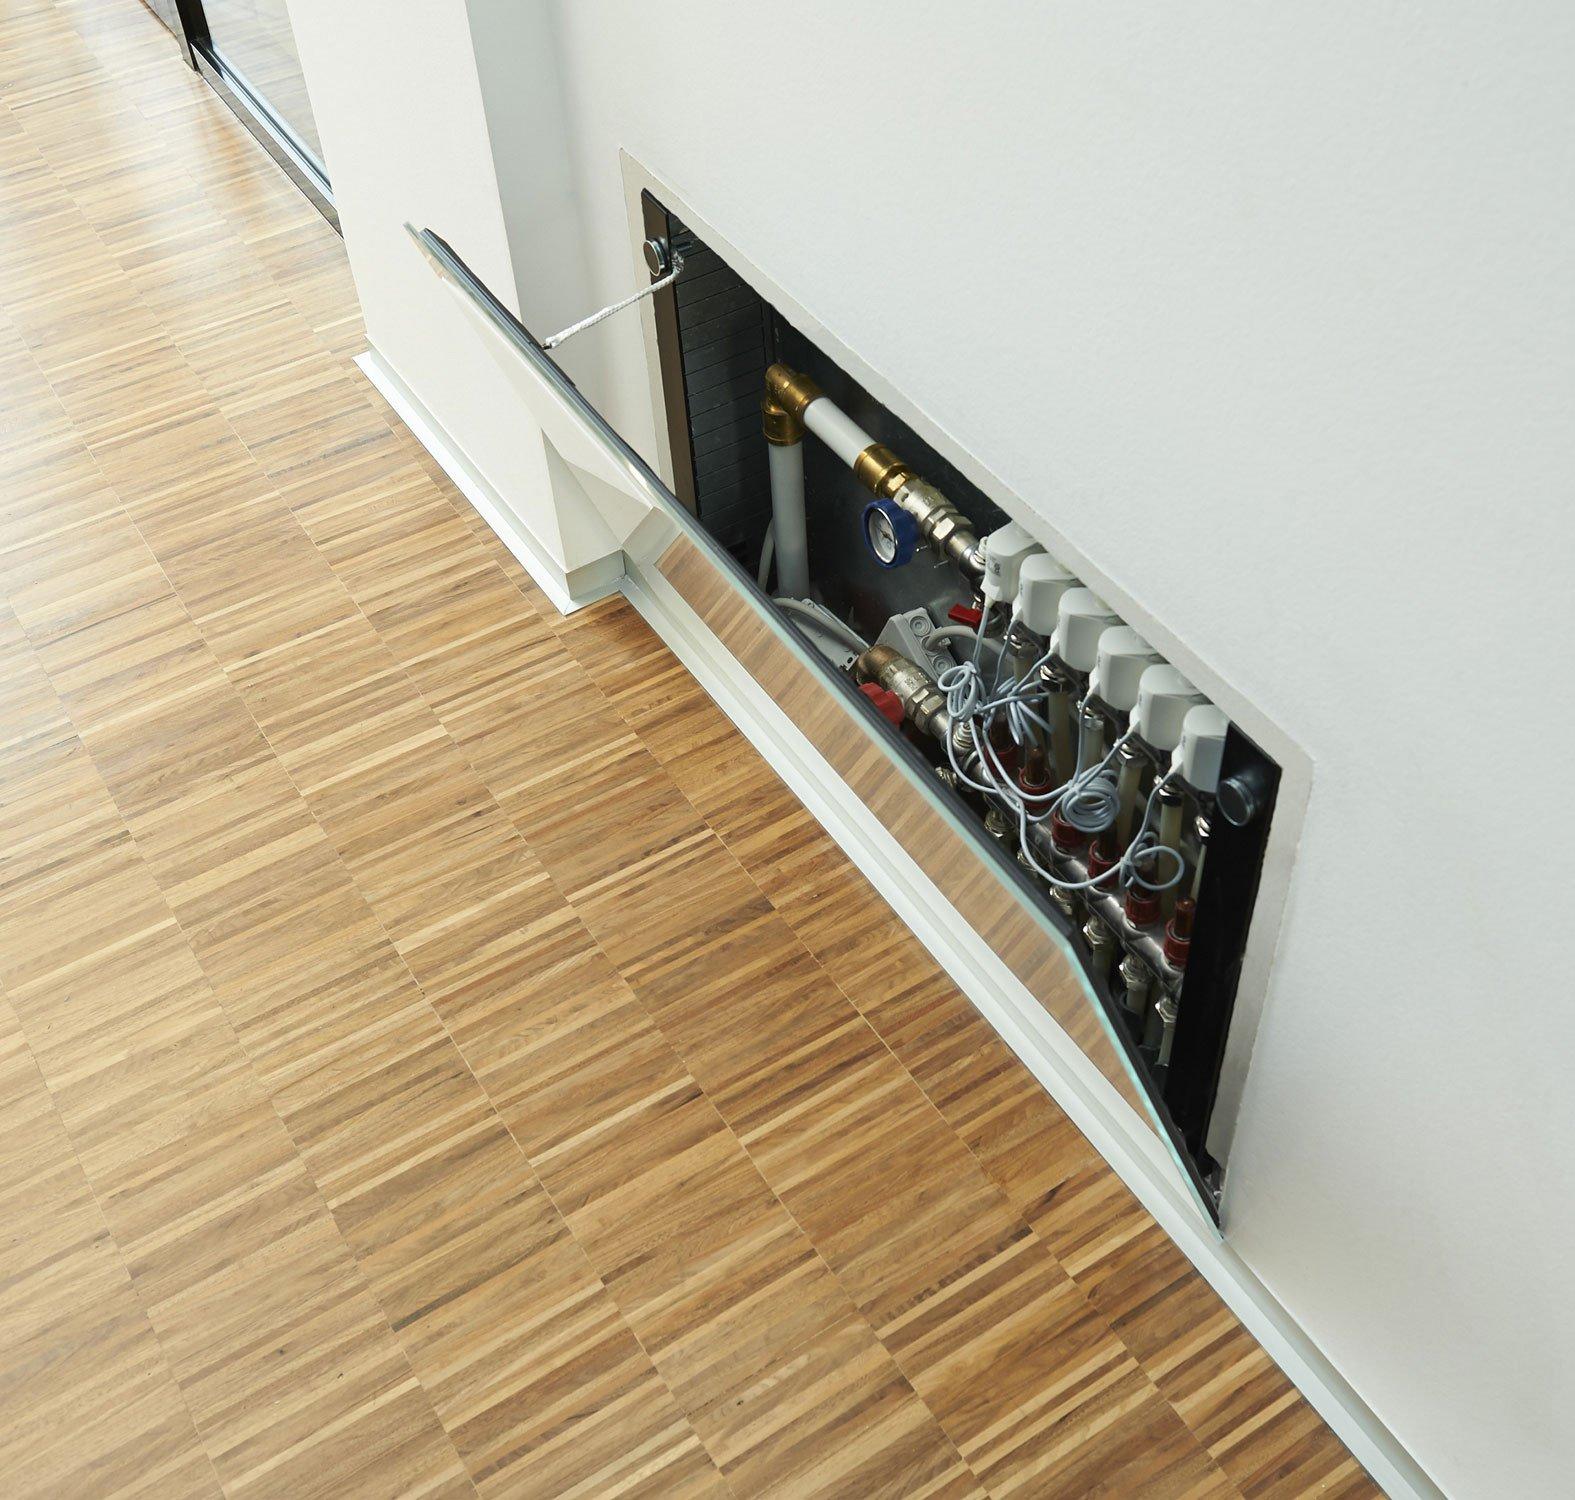 heizkreisverteiler heizung glossar baunetz wissen. Black Bedroom Furniture Sets. Home Design Ideas